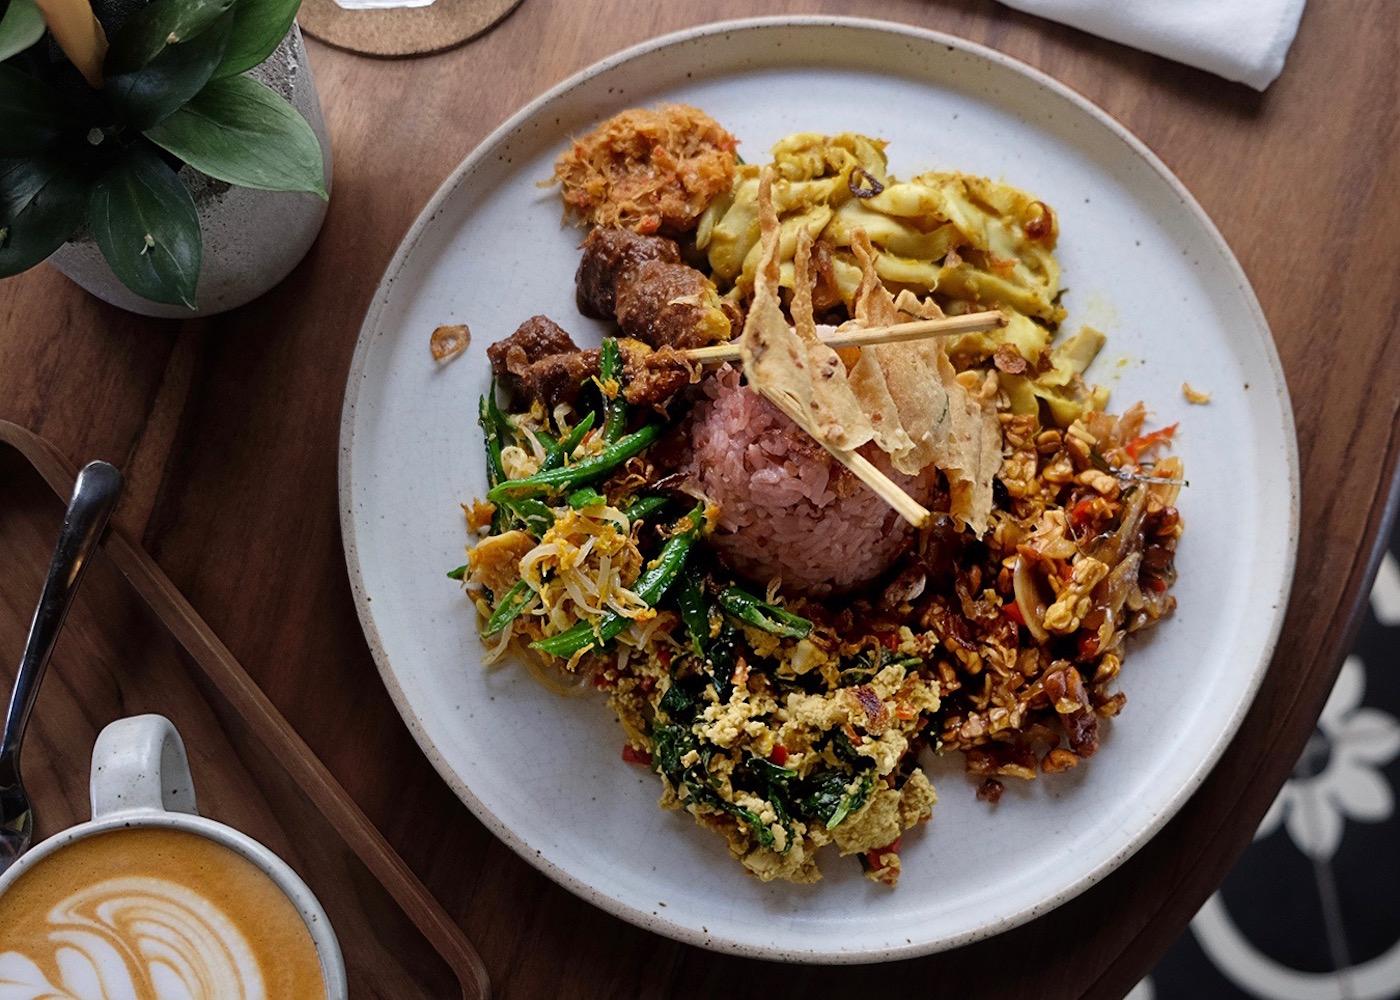 Indonesian lunch at Manggis in Canggu - a vegan and vegetarian restaurant in Berawa, Bali, Indonesia